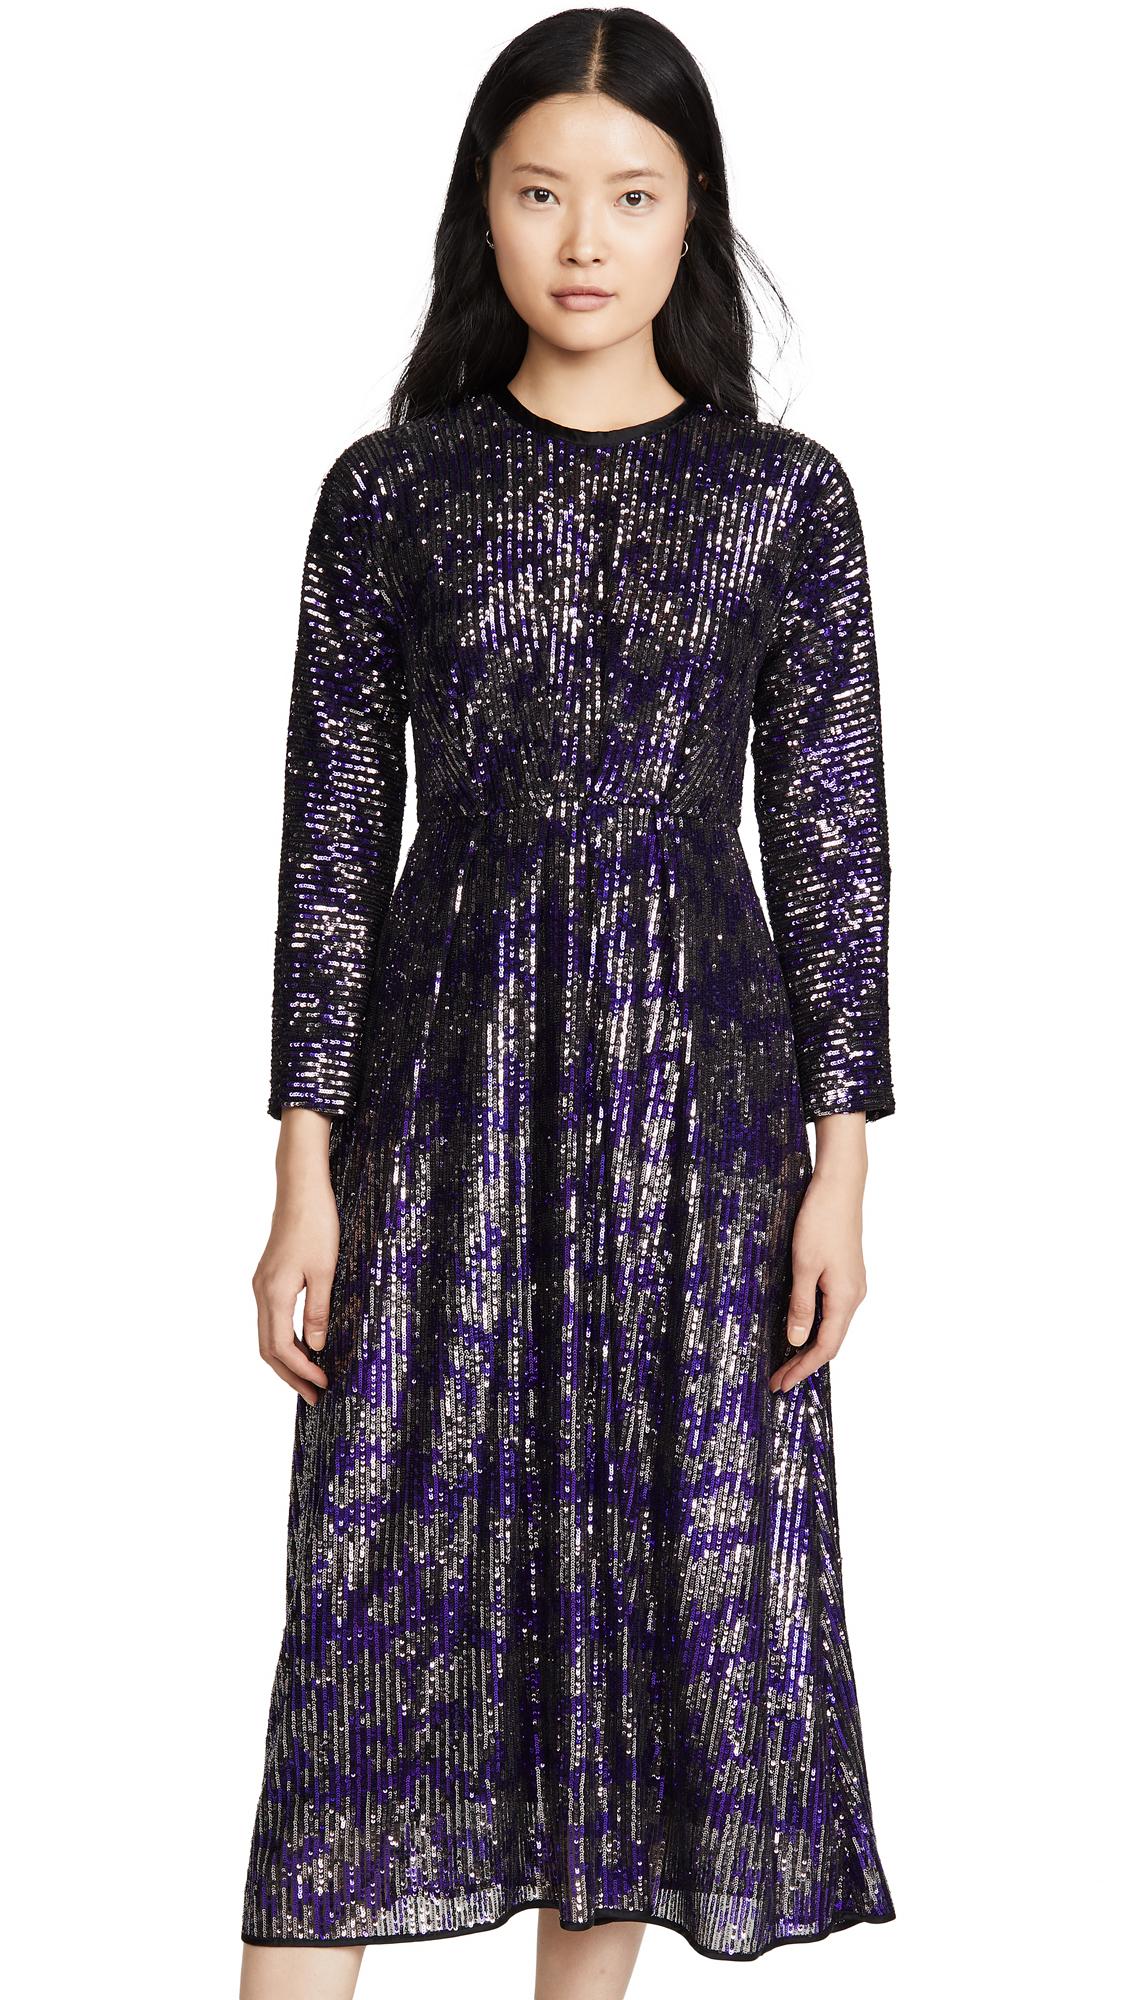 Rachel Comey Sequin Astraea Dress - 70% Off Sale